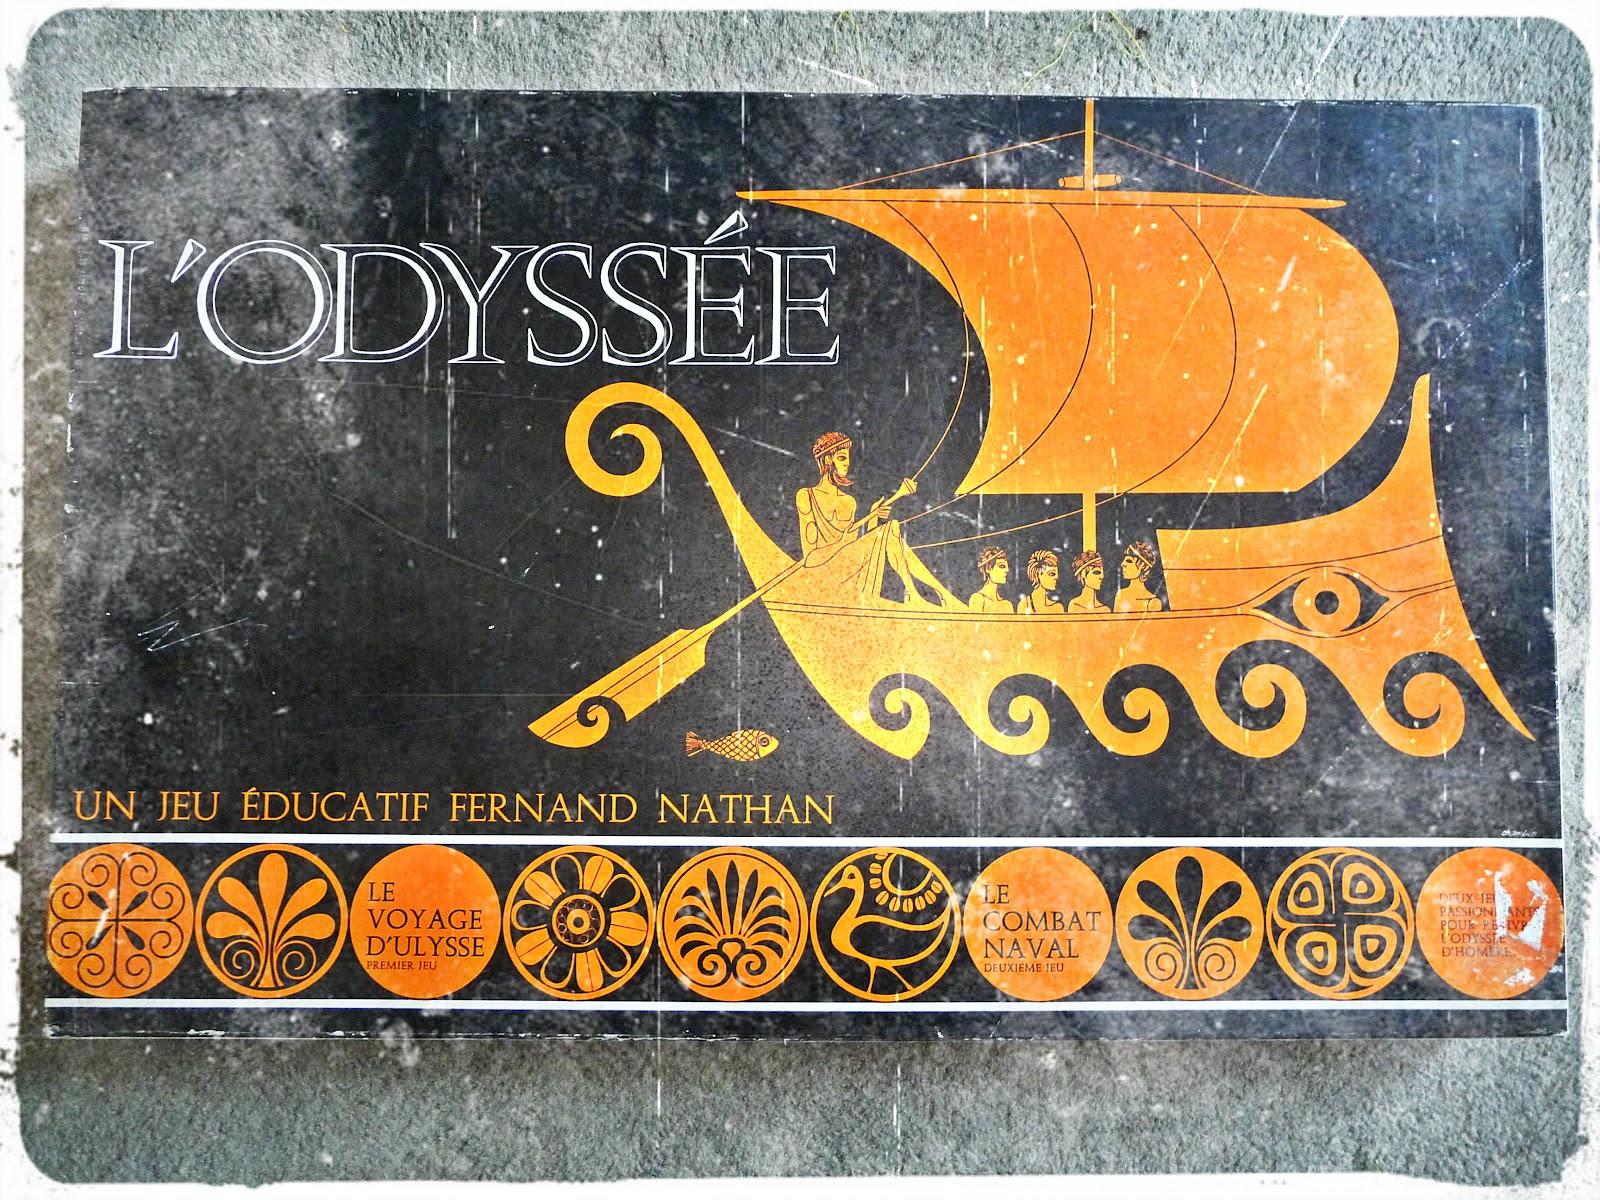 Les rencontres d'ulysse dans l'odyssee